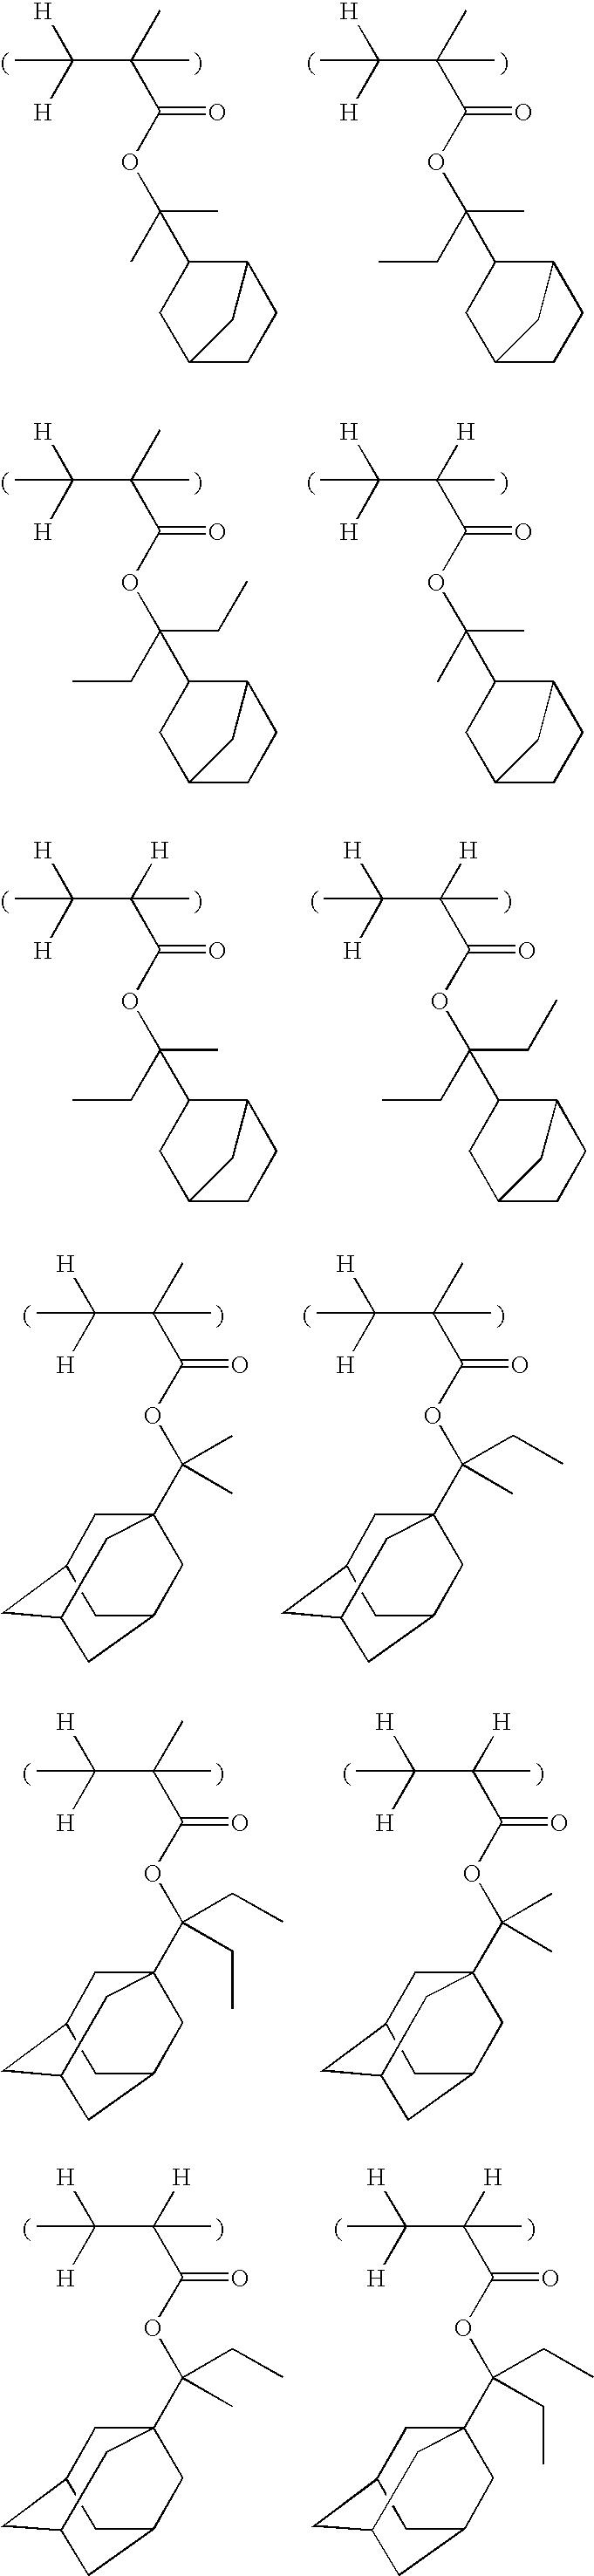 Figure US07771913-20100810-C00044